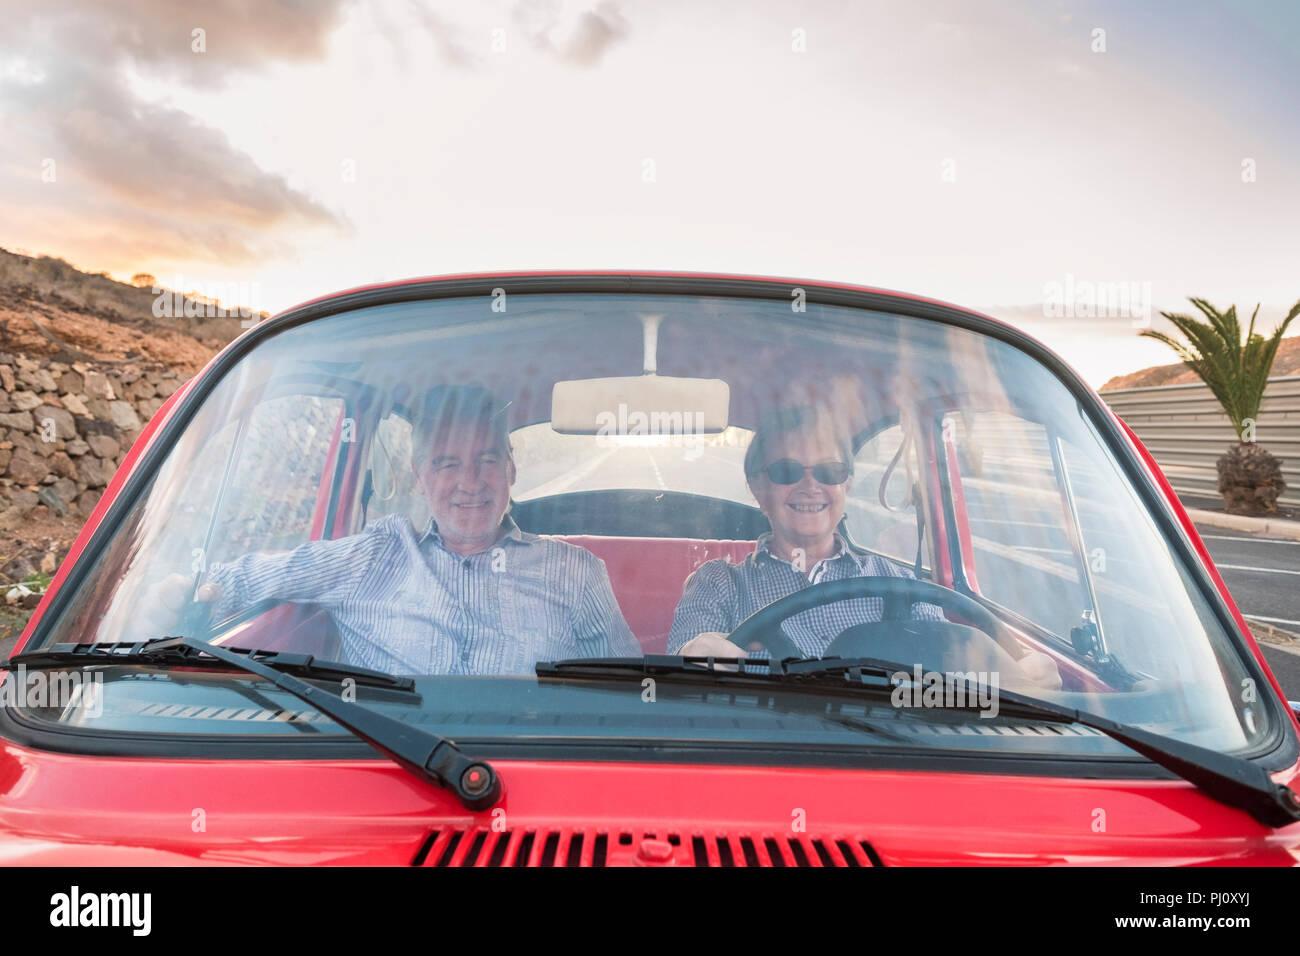 Schön nach paar Antrieb und Liebe in einem roten alten Vintage Auto auf der Straße geparkt werden. lächeln und Spaß haben, die zusammen reisen. Glück und Lebensstil für Stockbild